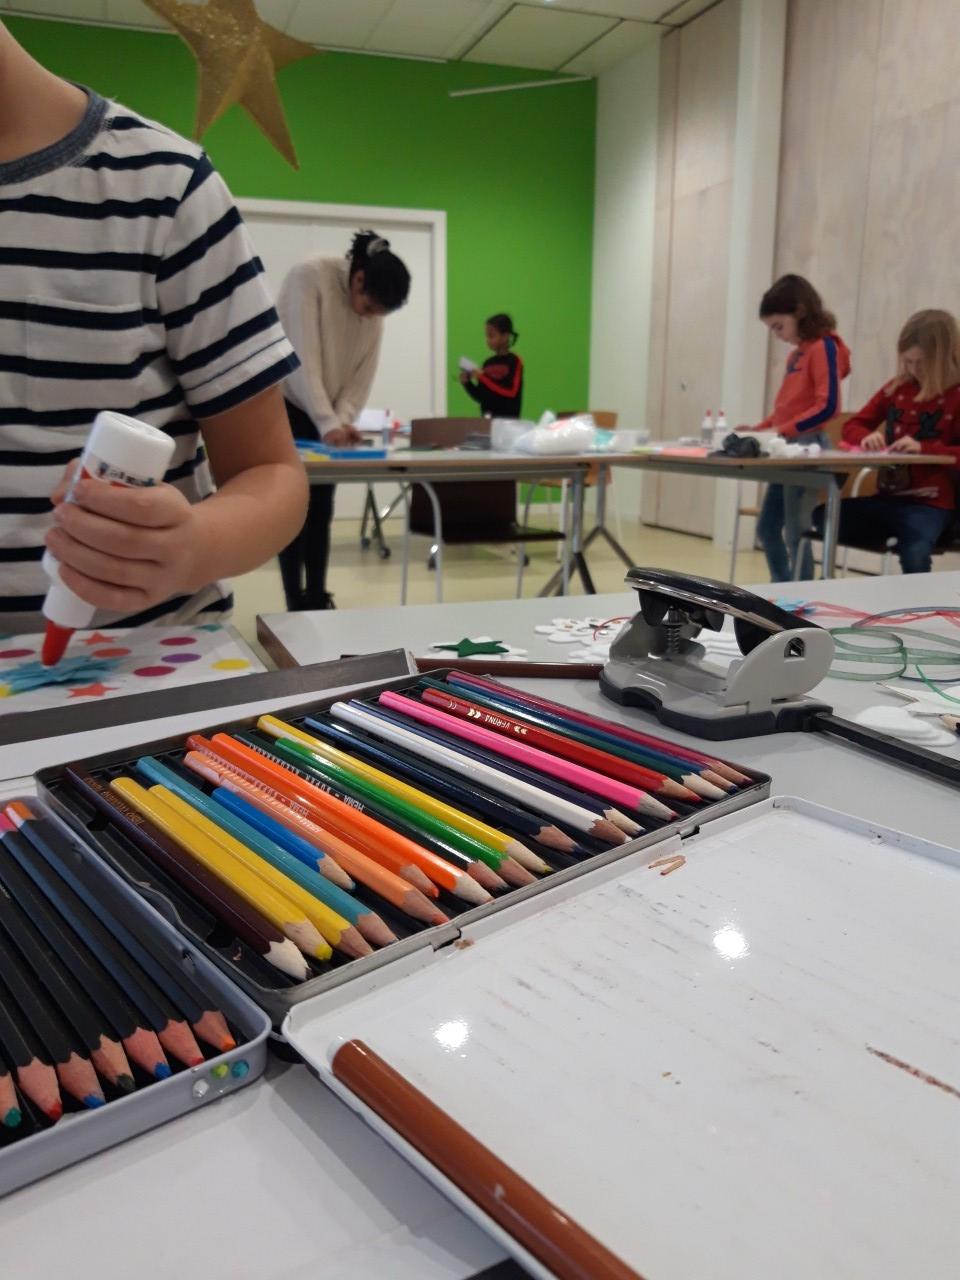 Geconcentreerd werken aan de eigen gemaakte kunstwerken. Dine van Erck  © BDU media